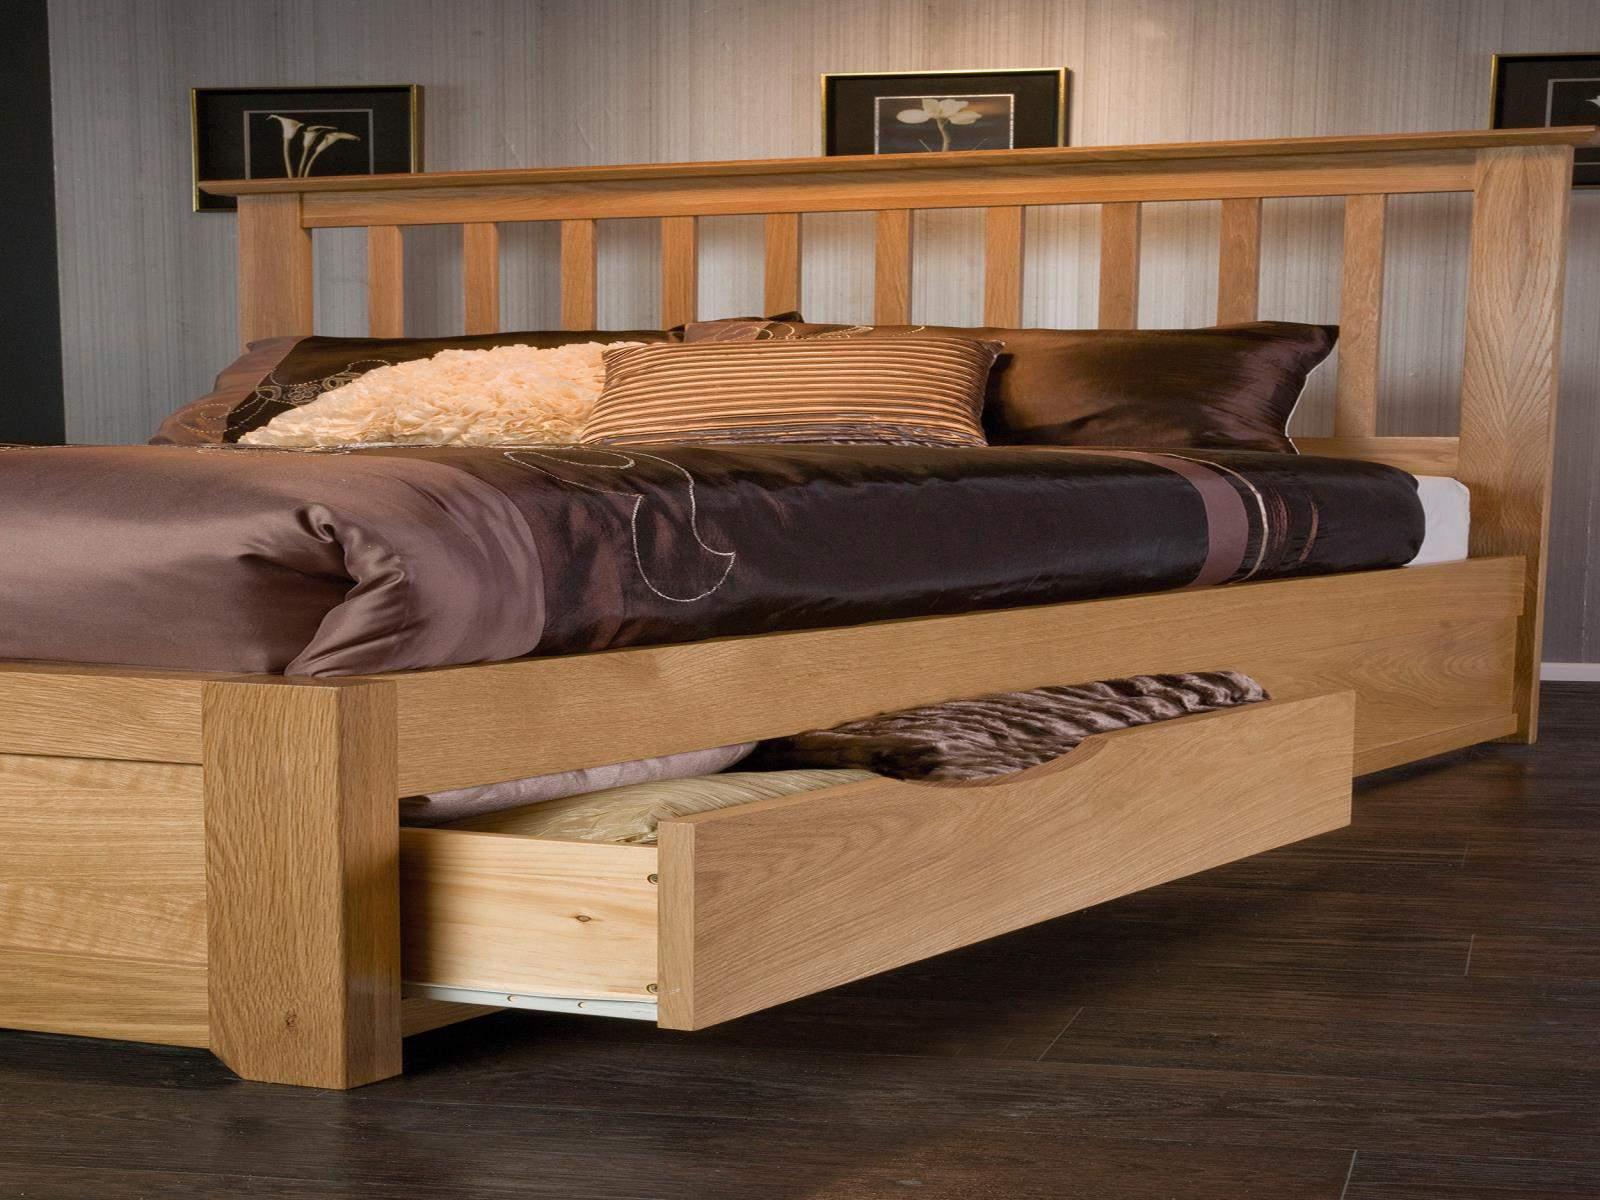 Mẫu giường ngủ có ngăn kéo - TC11746